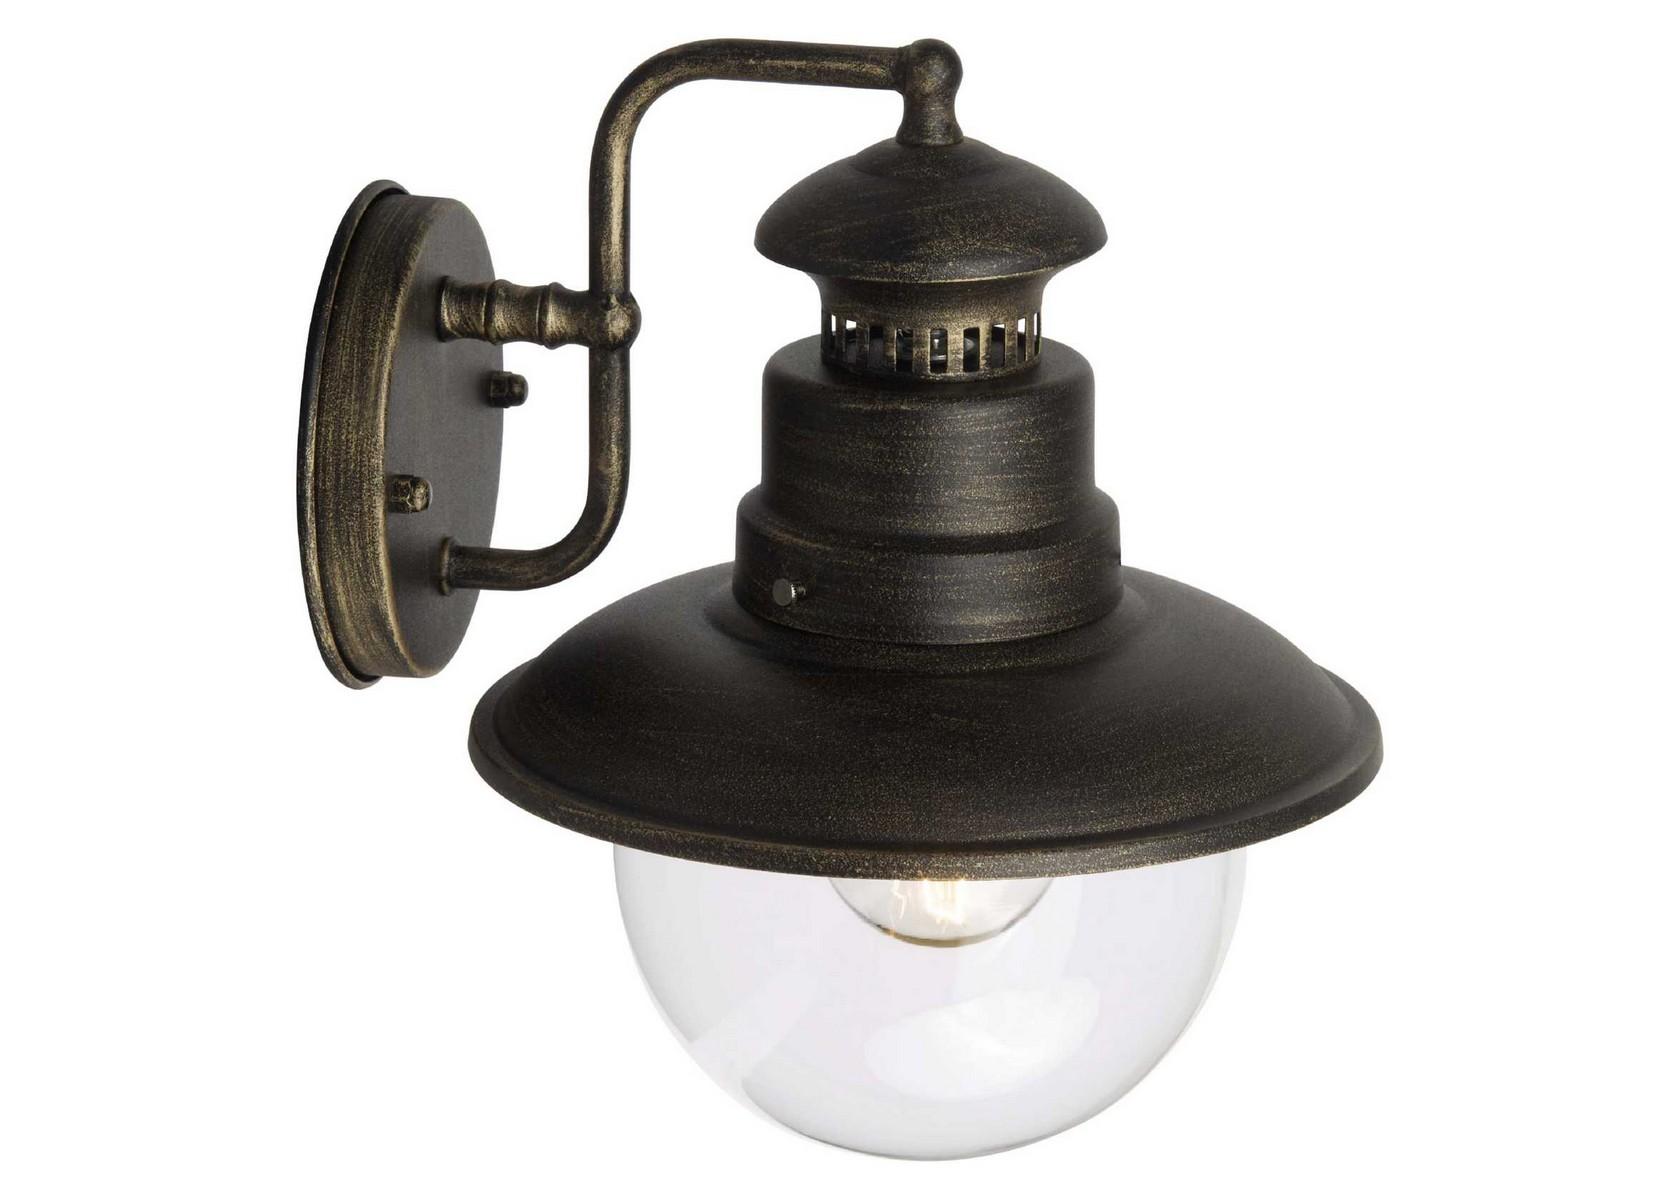 Лампа настенная ArtuУличные настенные светильники<br>Вид цоколя: E27&amp;amp;nbsp;&amp;lt;div&amp;gt;Мощность лампы: 60W&amp;lt;br&amp;gt;&amp;lt;div&amp;gt;Количество ламп: 1&amp;amp;nbsp;&amp;lt;/div&amp;gt;&amp;lt;div&amp;gt;Наличие ламп: отсутствуют&amp;lt;/div&amp;gt;&amp;lt;/div&amp;gt;&amp;lt;div&amp;gt;Степень пылевлагозащиты: IP44&amp;lt;/div&amp;gt;<br><br>Material: Металл<br>Width см: 21,5<br>Depth см: 25<br>Height см: 27